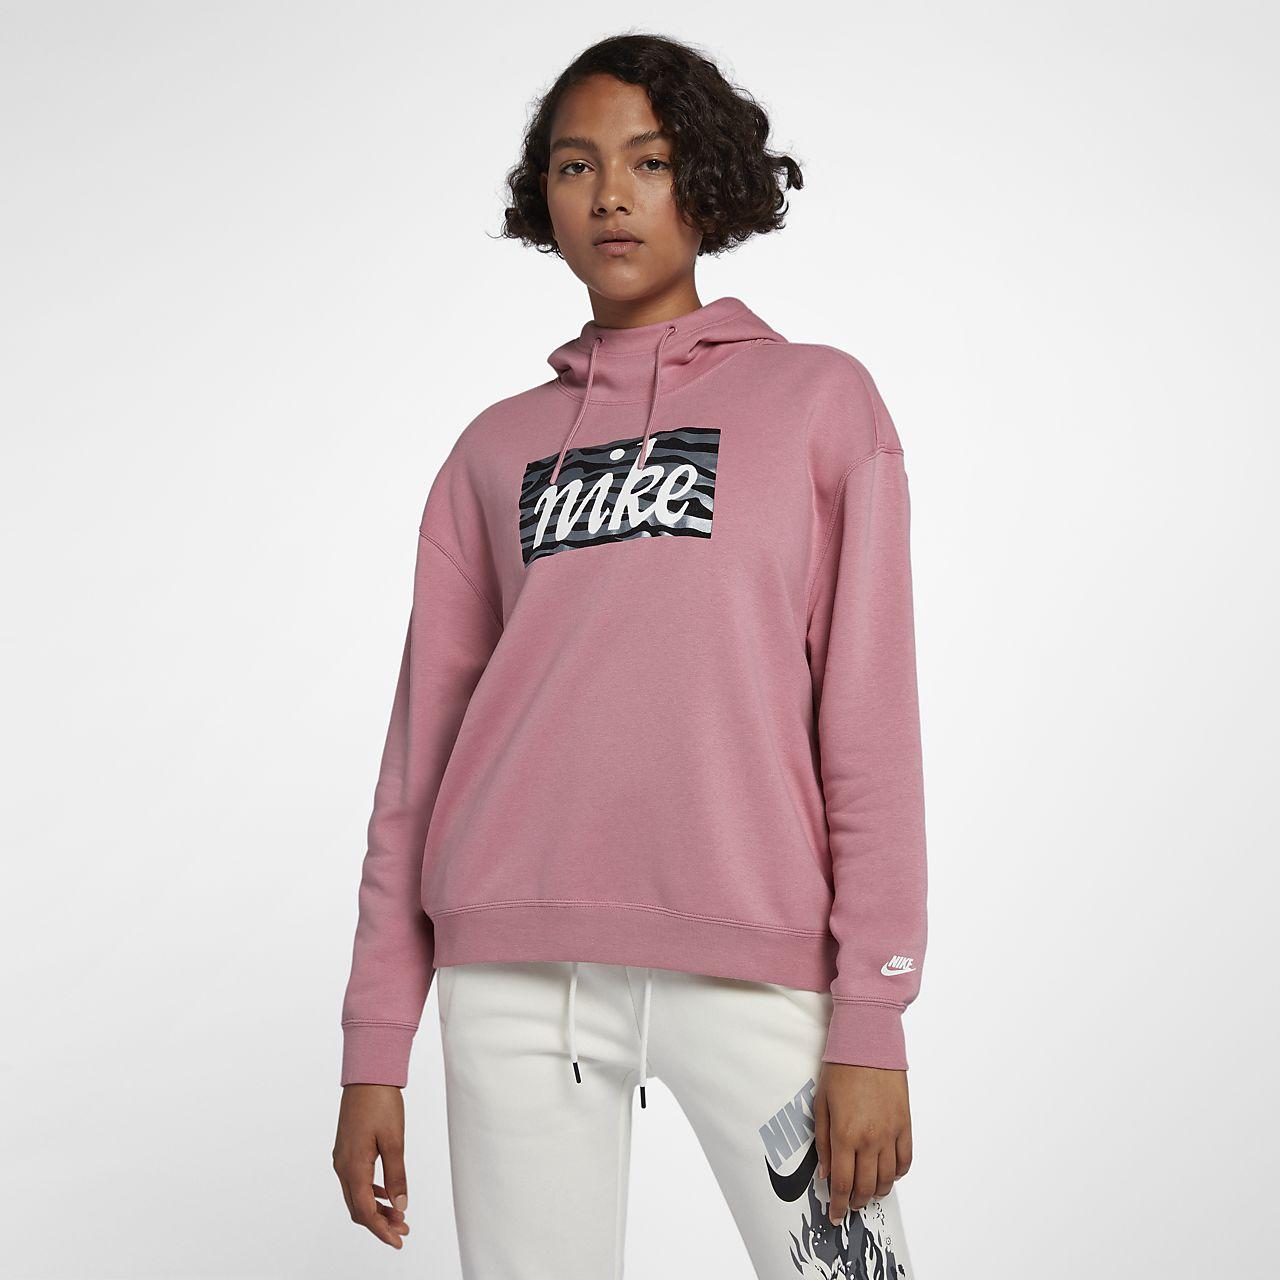 Animal Nike À Imprimé Be Sweat Pour Femme Sportswear Capuche tq4Fwx6wp